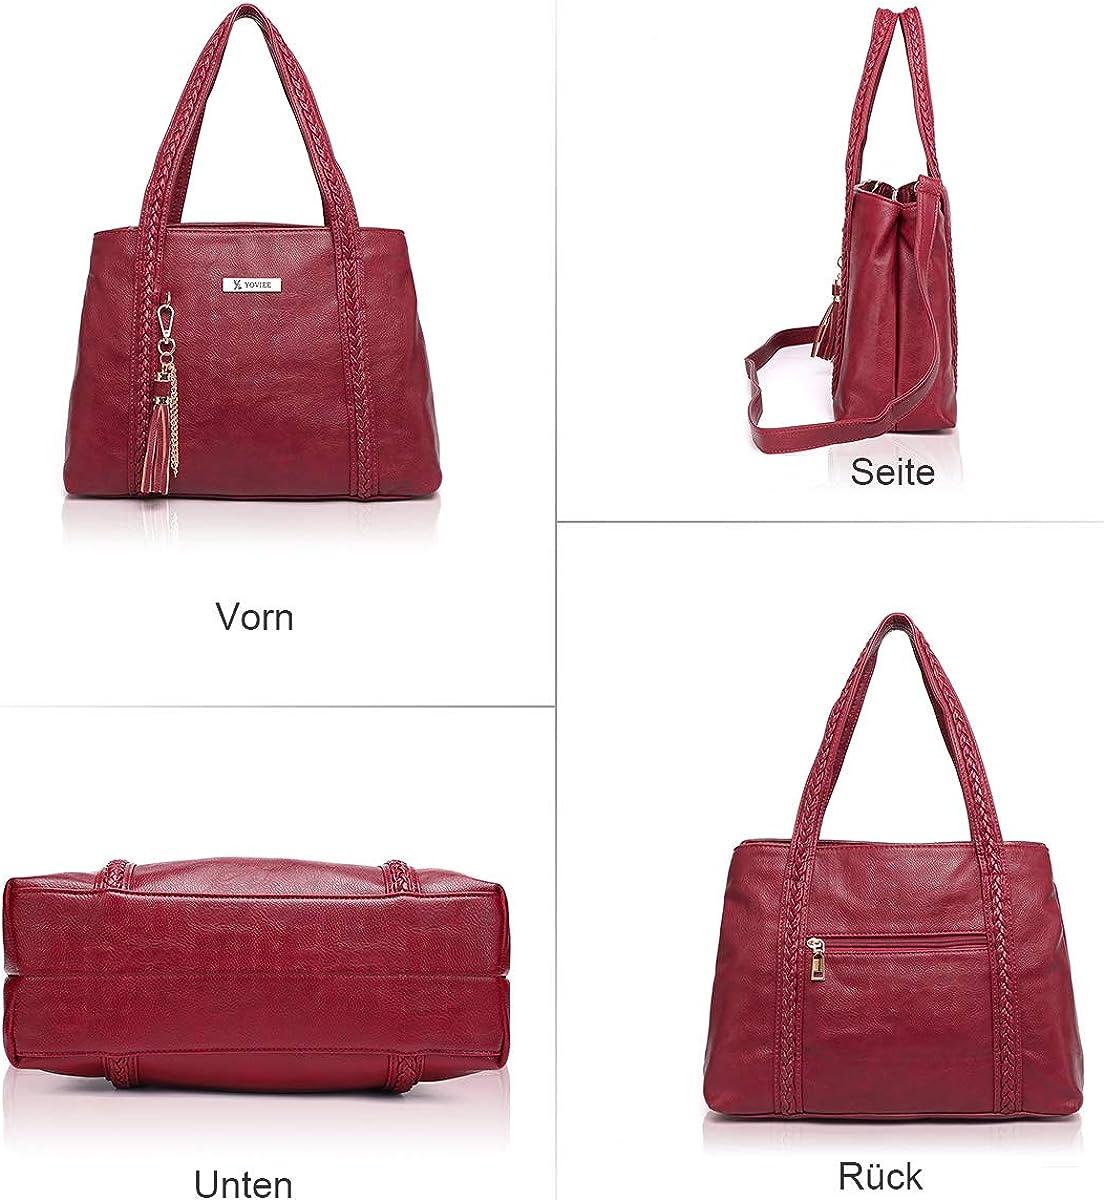 Damen Handtasche wasserdicht PU Leder Shopper Handtasche Retro Elegant Gro/ß Tote Mode Design Klassische Qualit/ät Schultertasche Aktentasche Henkeltasche